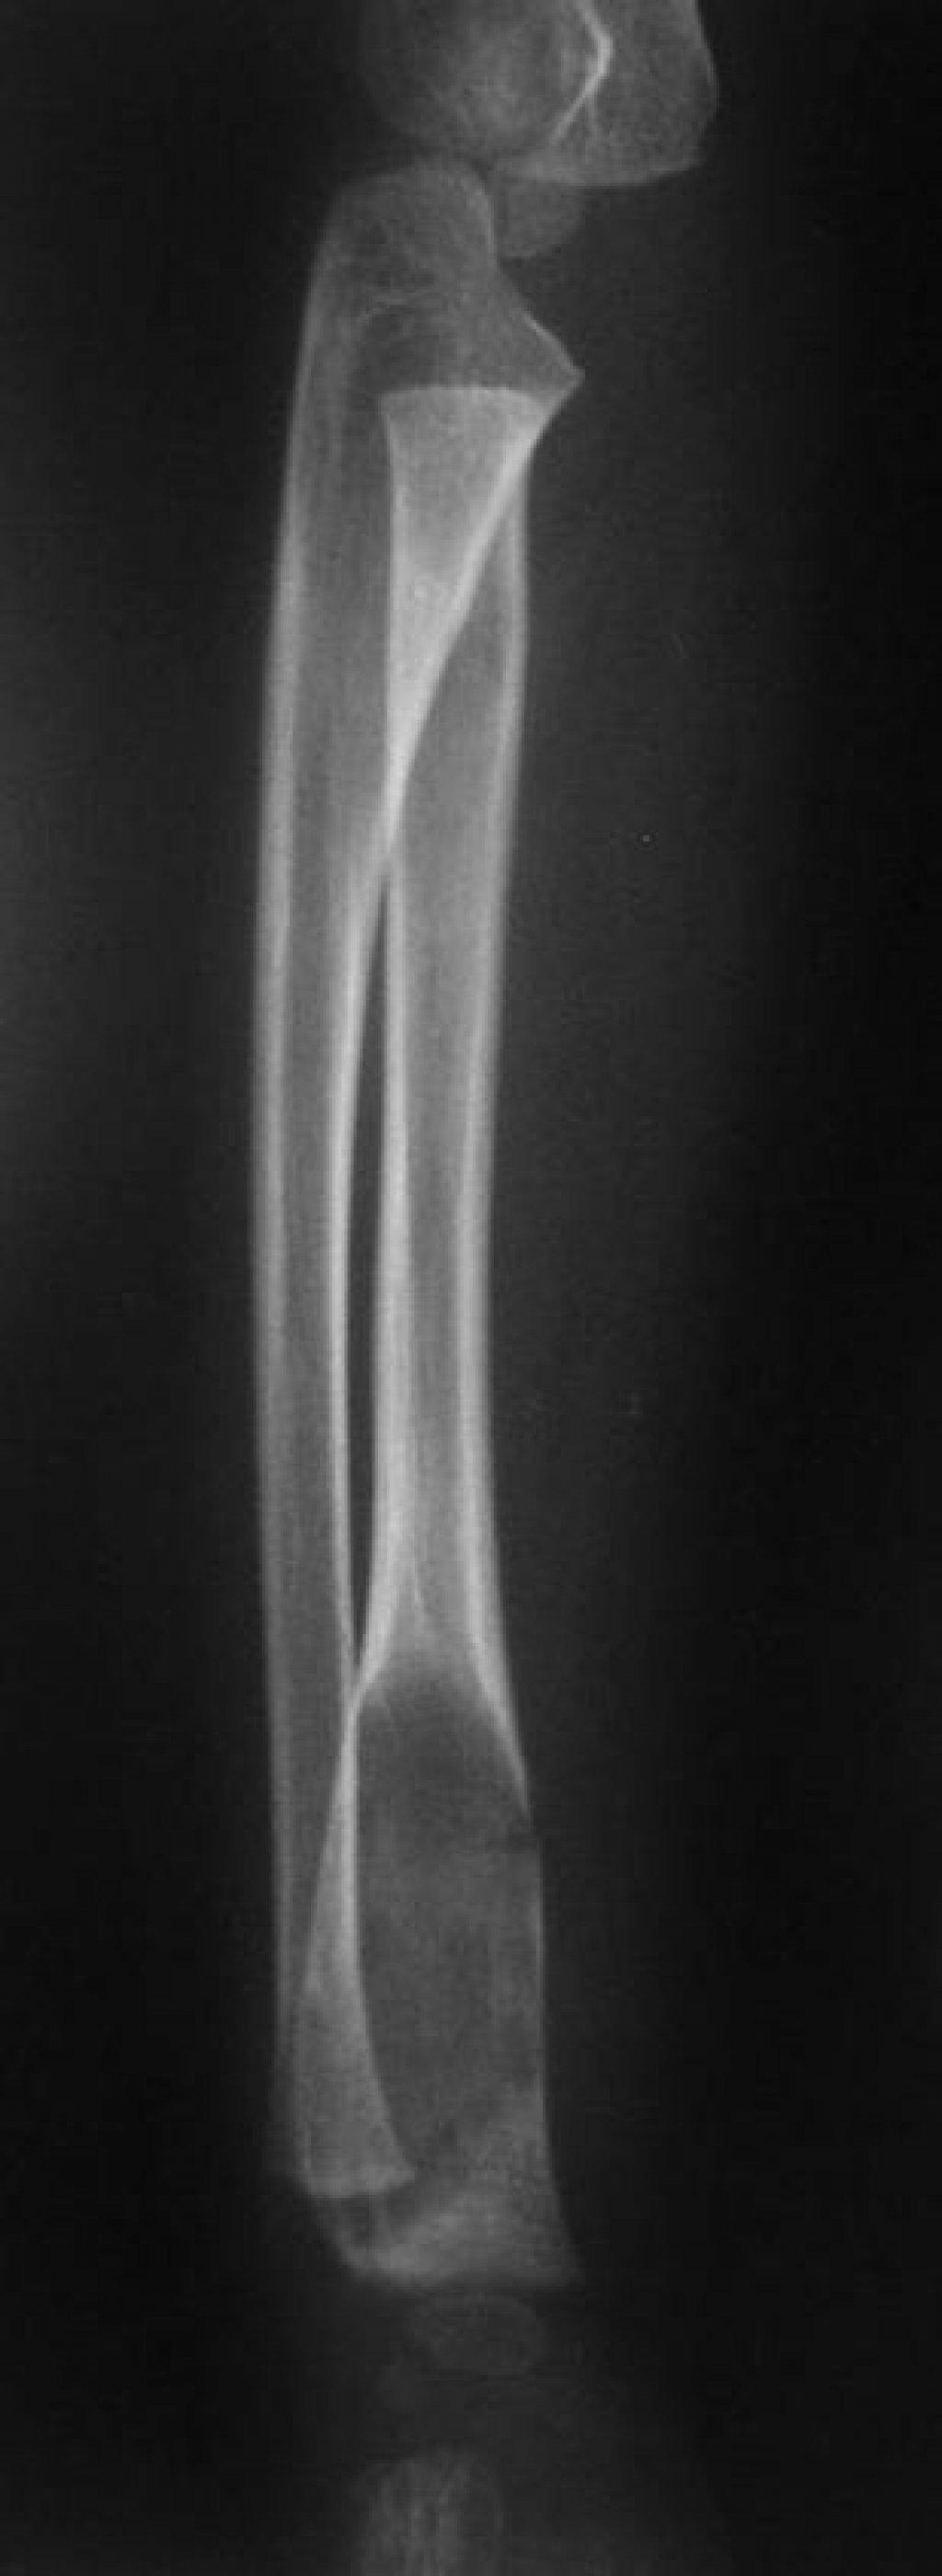 Хондрома лучевой кости